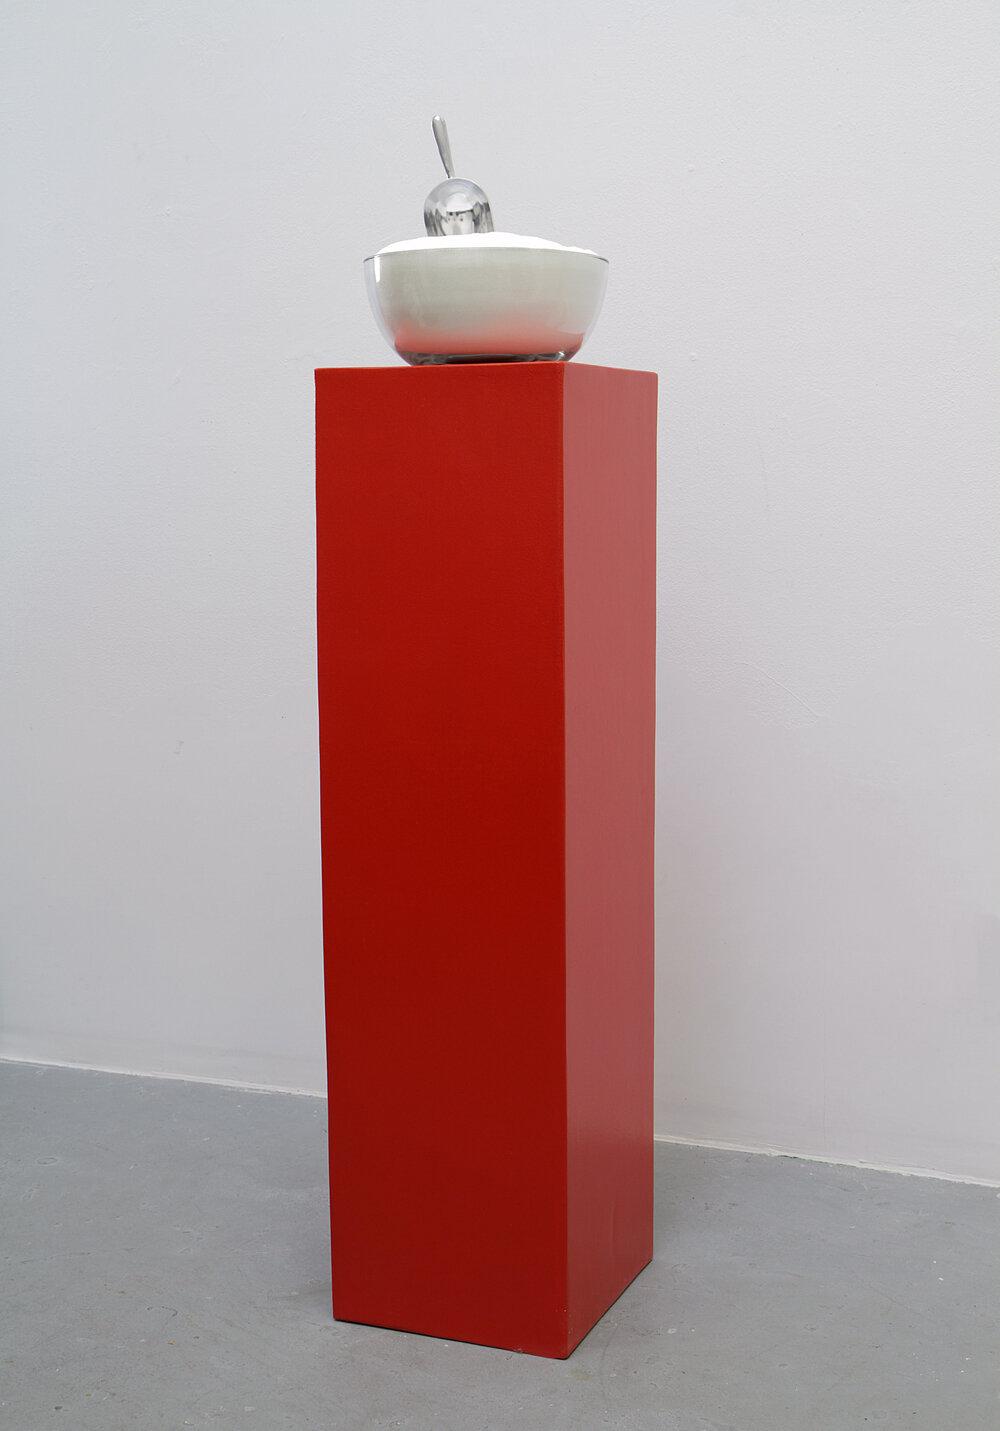 Appetite Apparatus #2 (Monosodium Glutamate, Stimulant) 2011 Wood, paint, glass bowl, aluminum scoop, monosodium glutamate (MSG) Dimensions variable